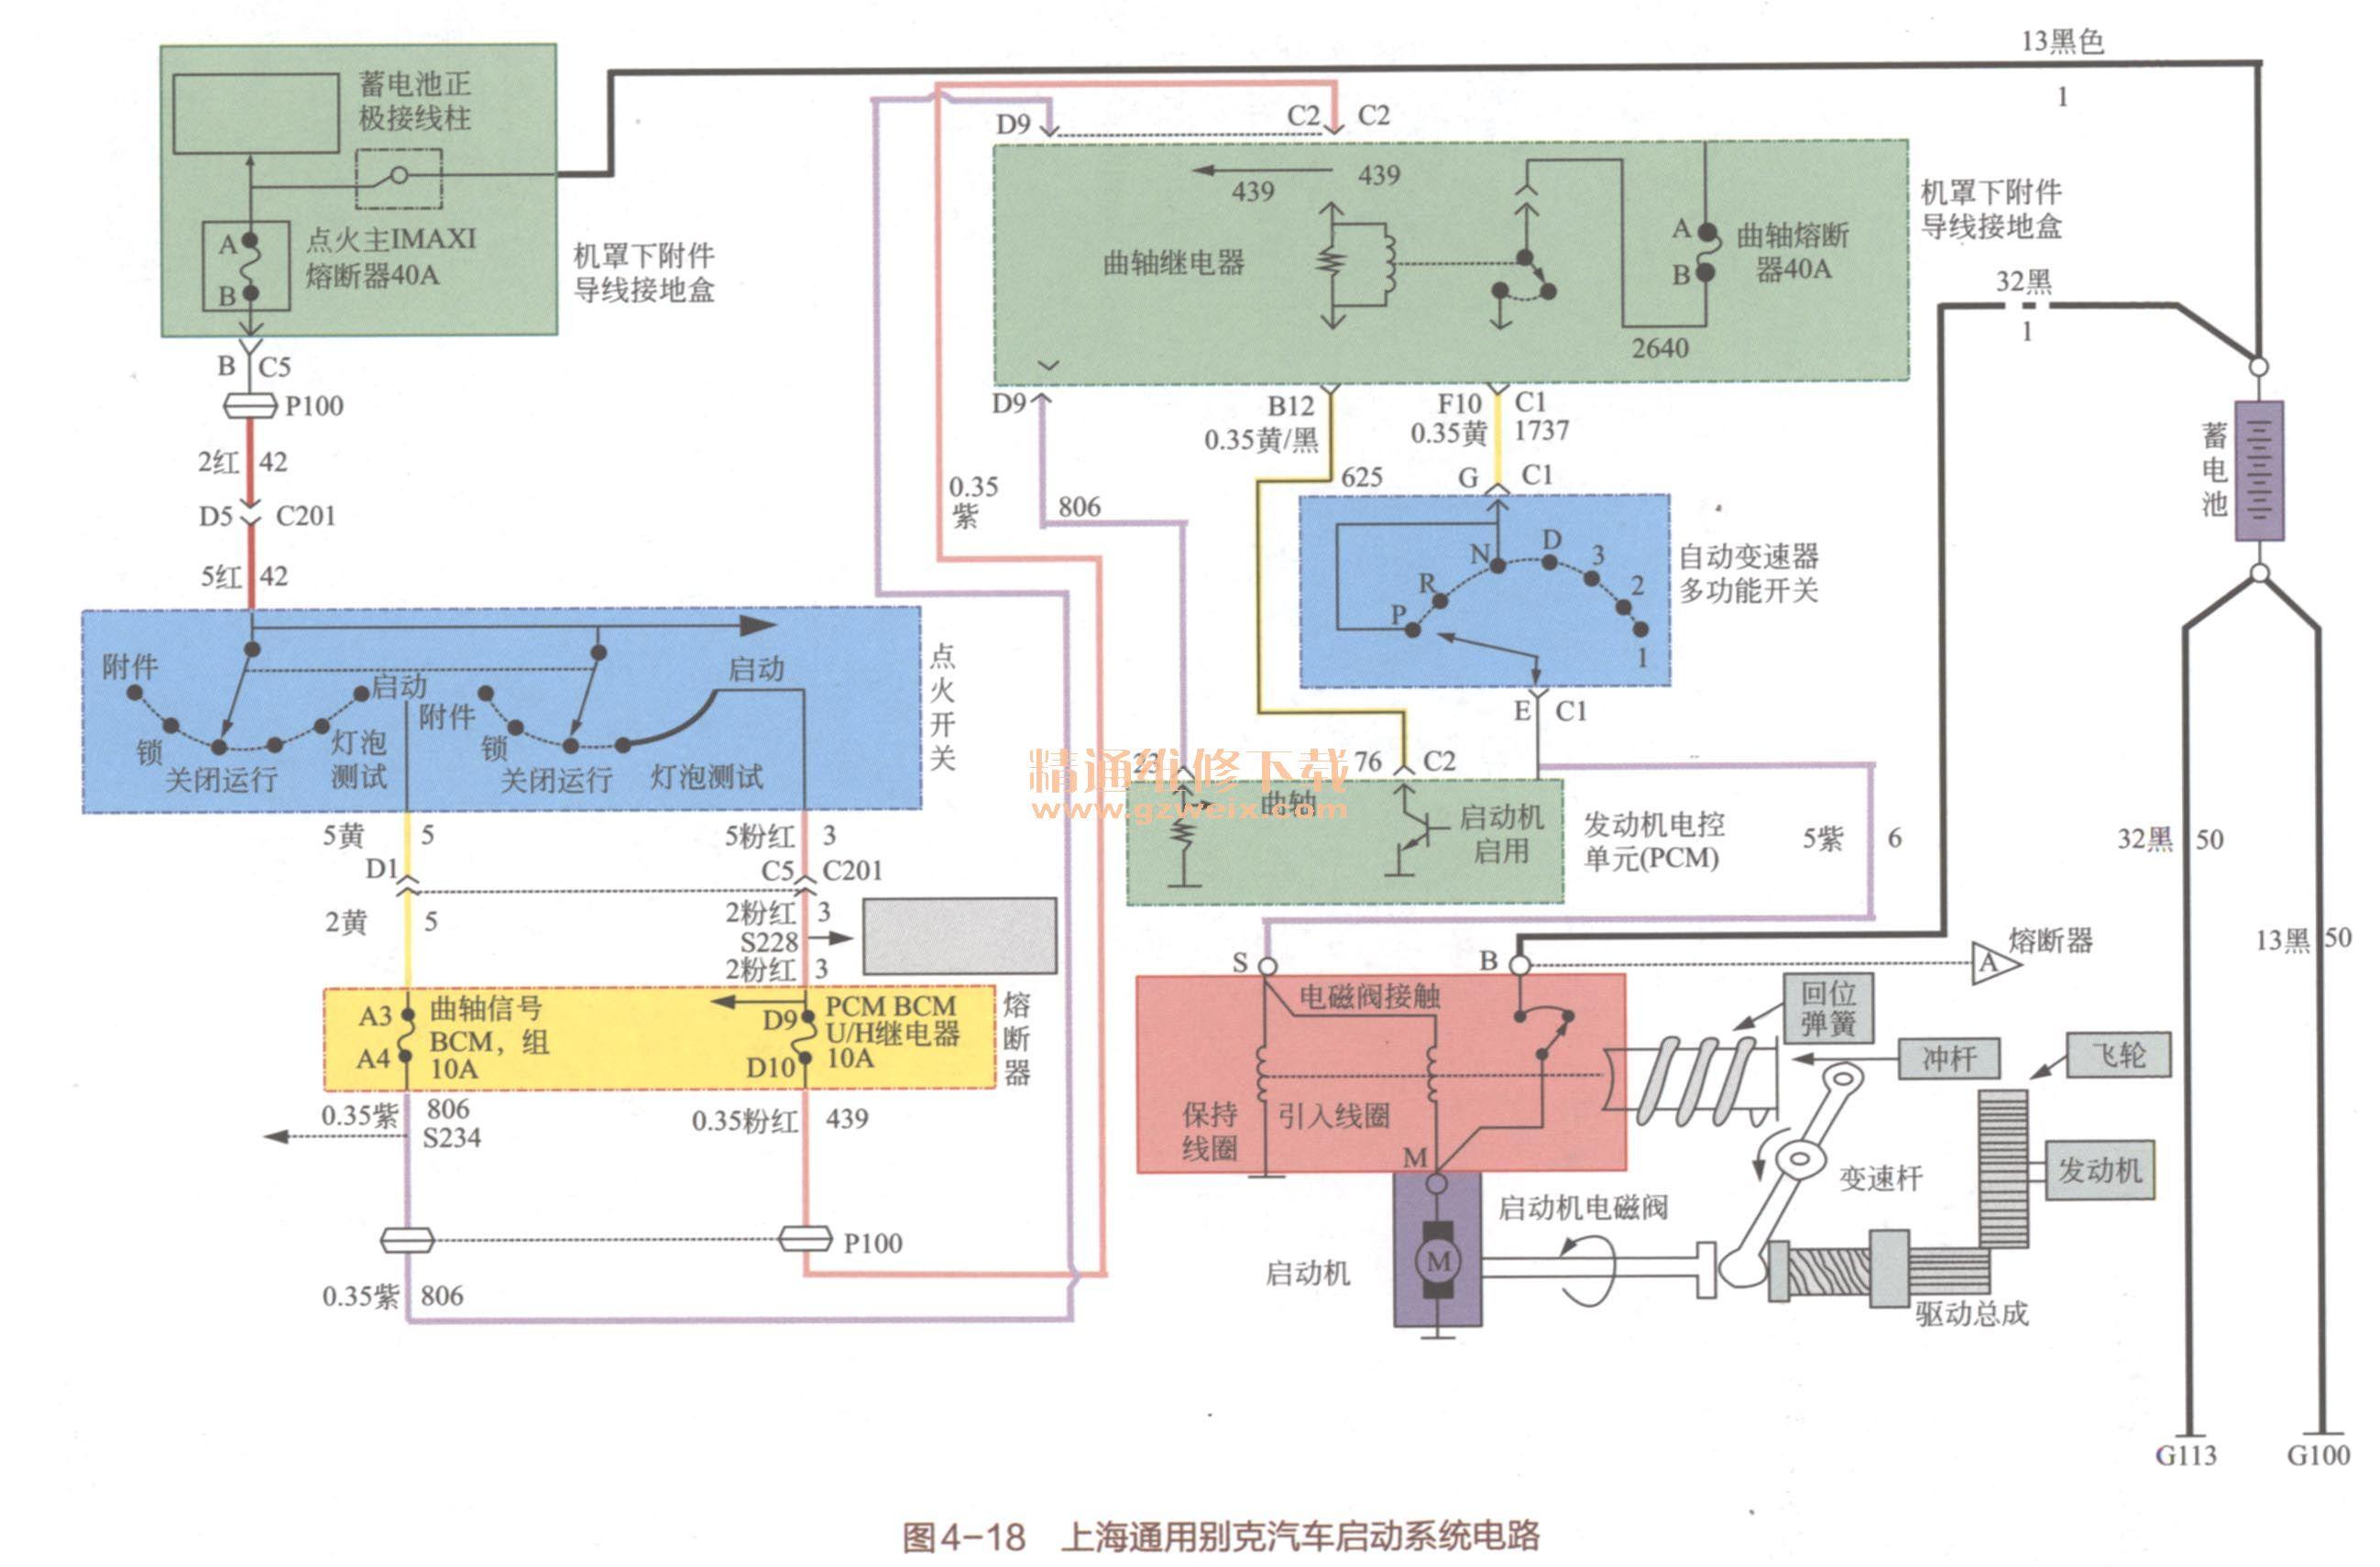 新手篇—轻松看懂汽车电路图(中)